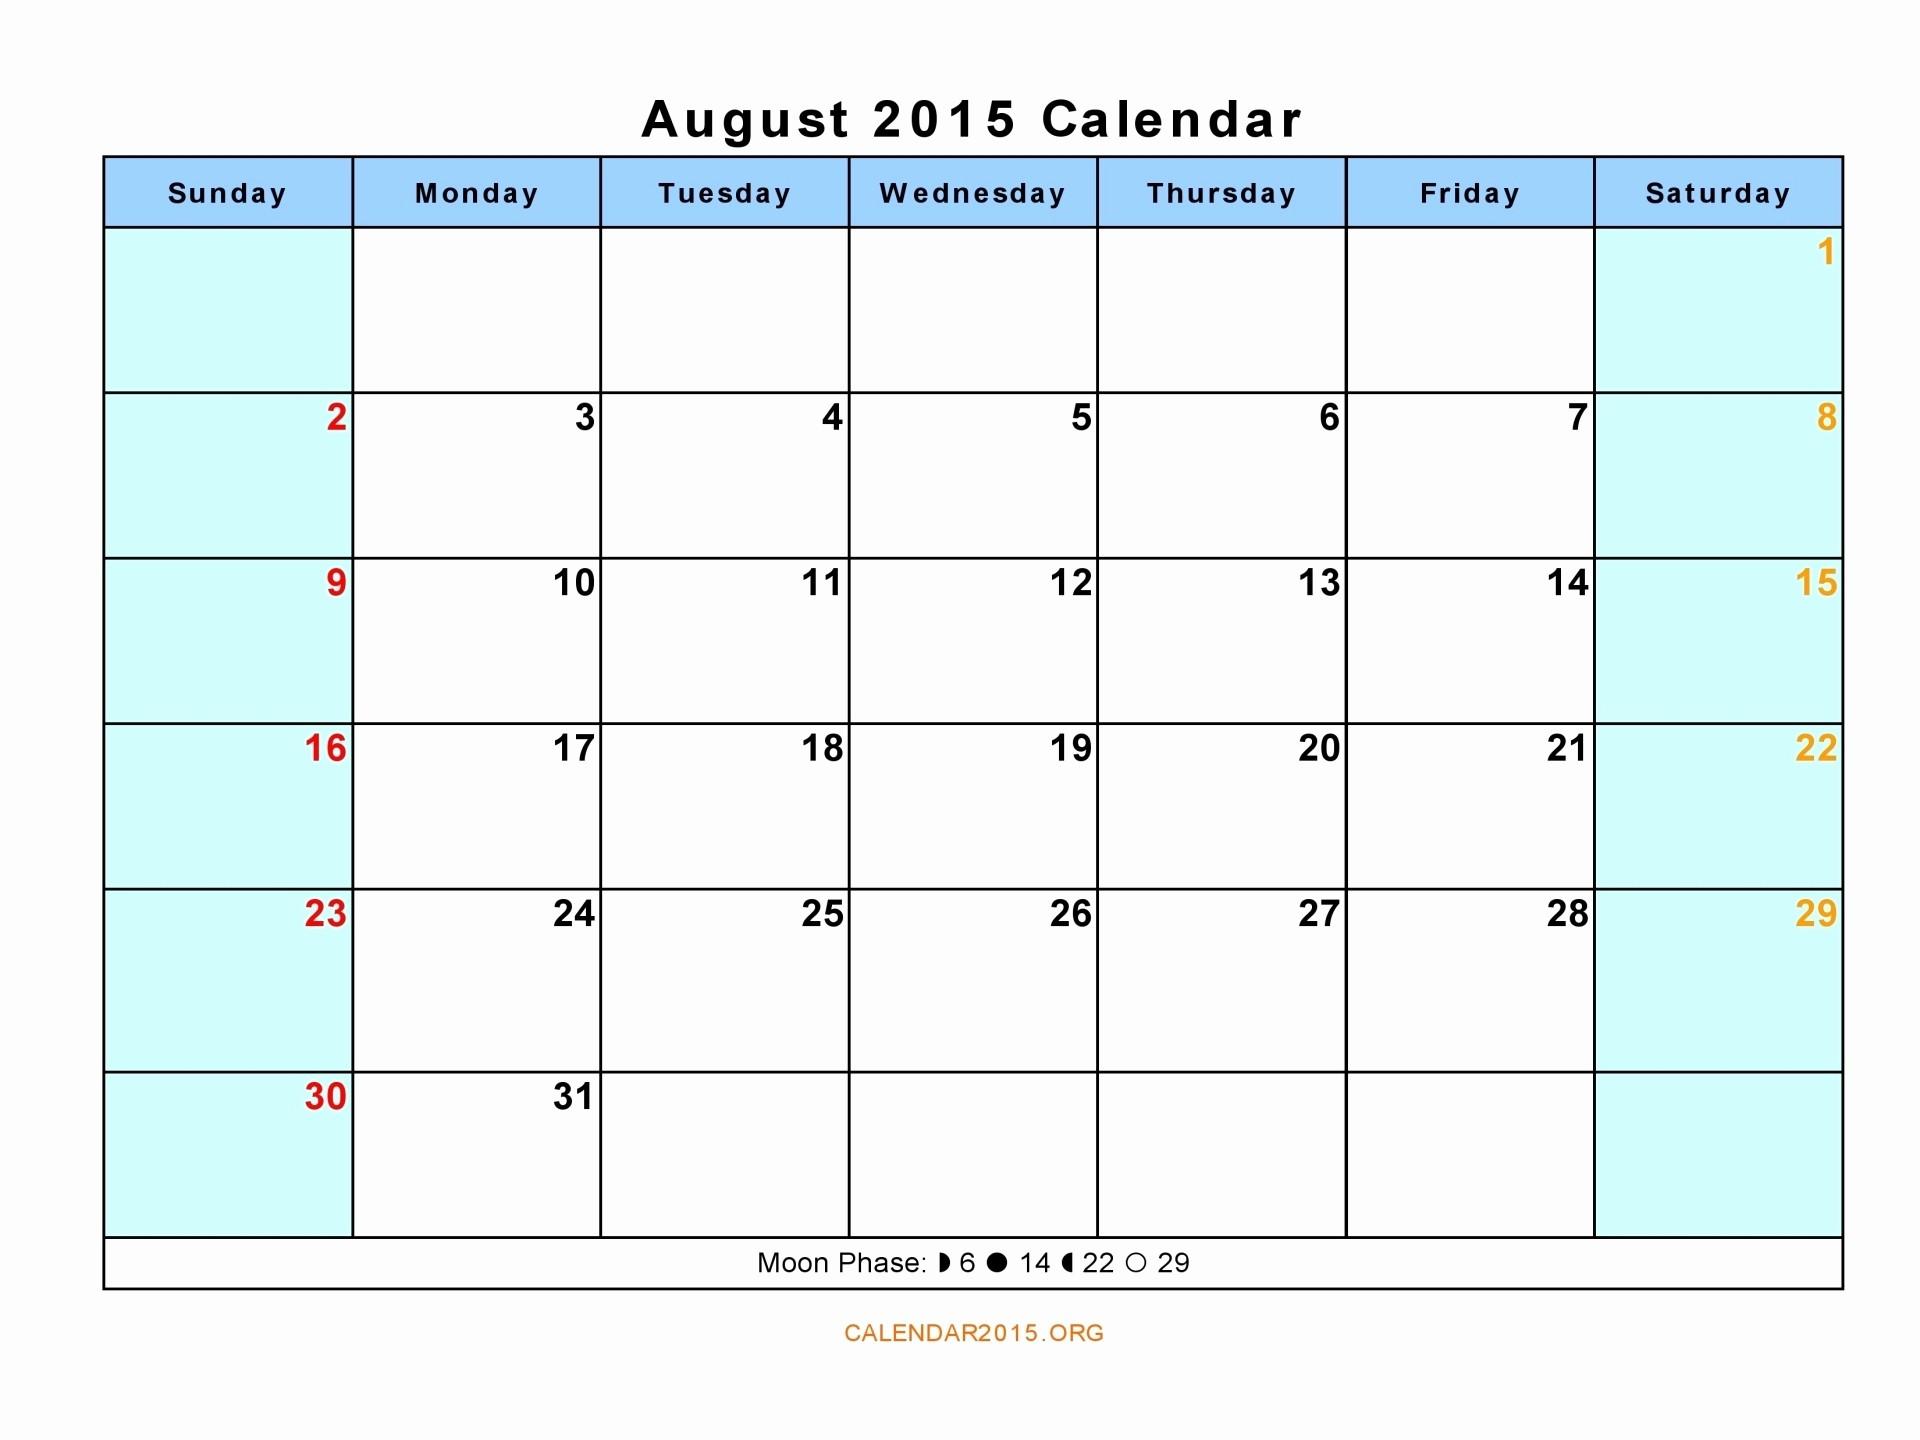 Free Calendar Templates August 2015 Best Of 15 Calendar Templates 2015 April 2015 Calendar